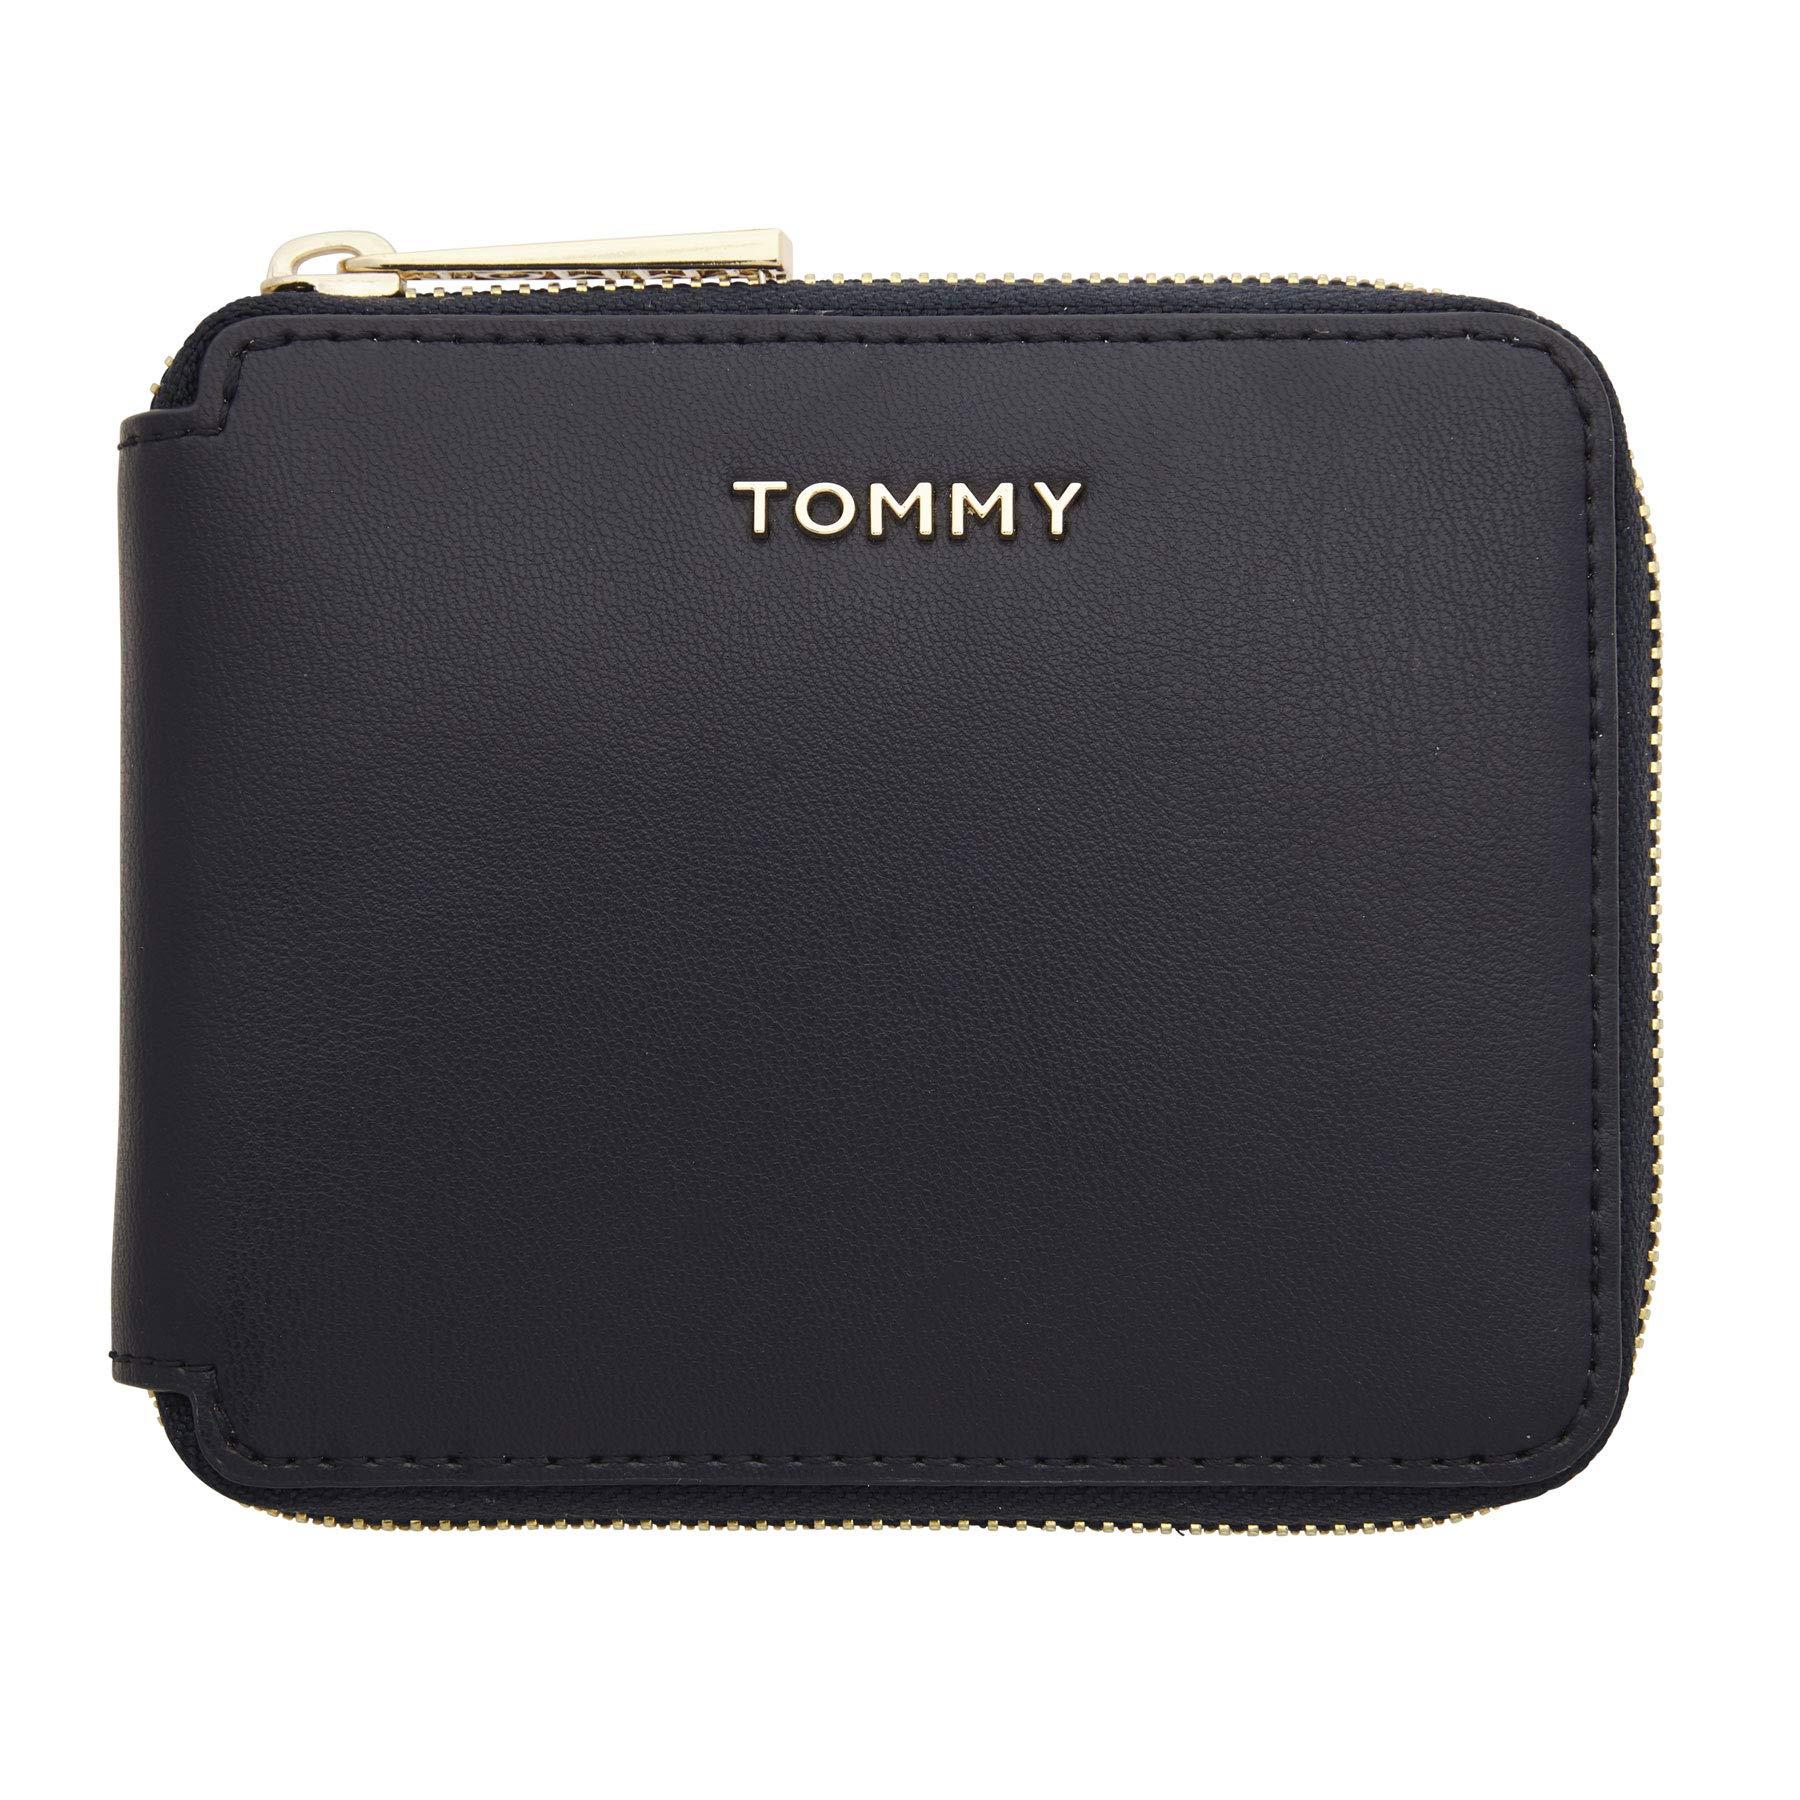 Tommy Hilfiger ICONIC TOMMY MED ZA, BLUE